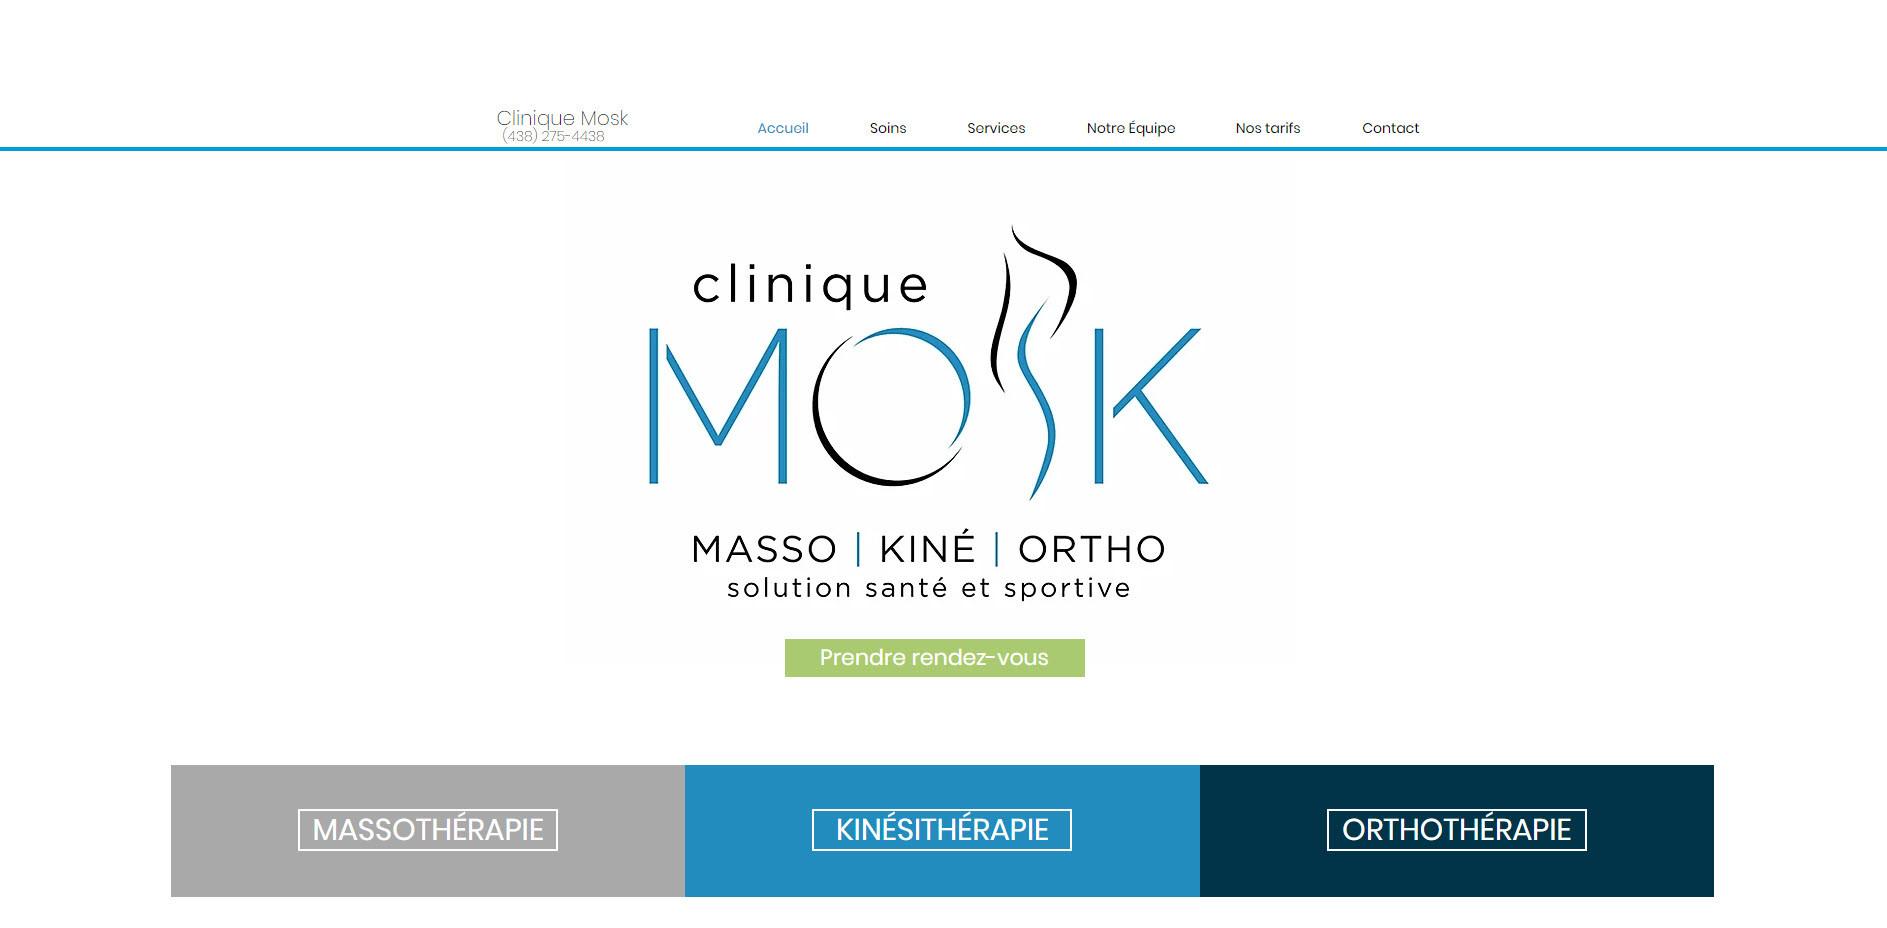 Clinique Mosk